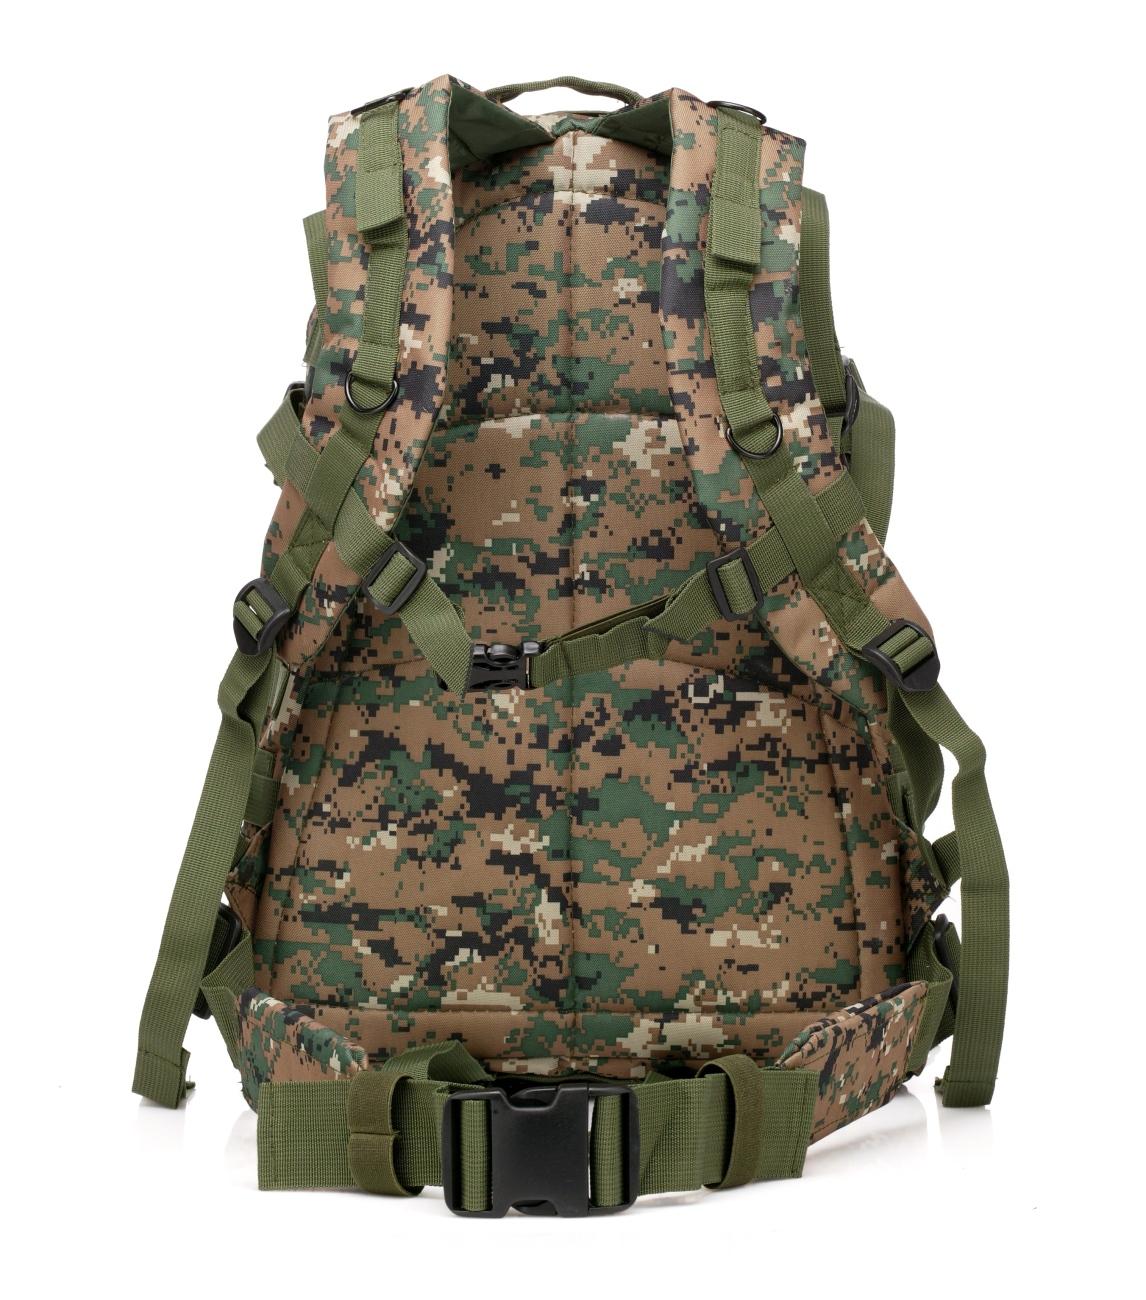 Классный штурмовой рюкзак для страйкбола с доставкой по России